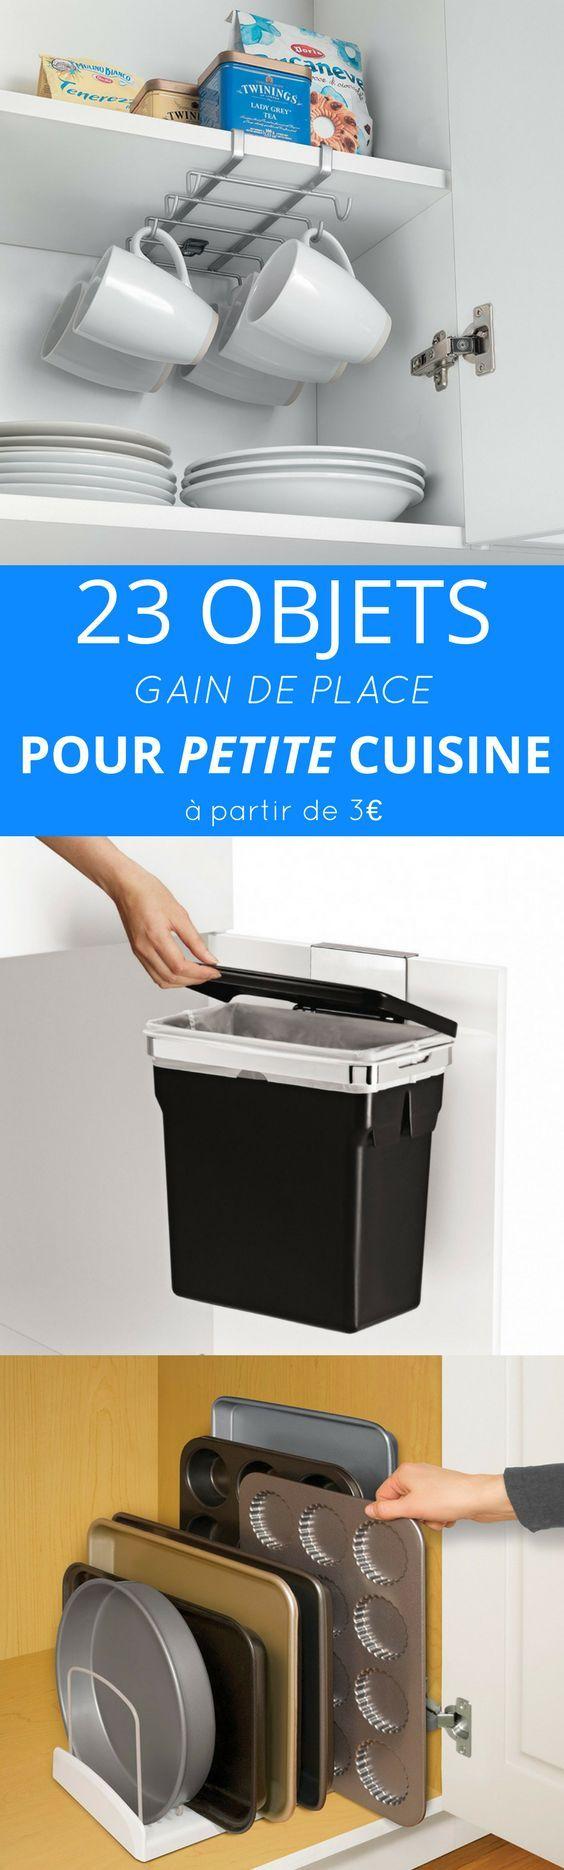 """23 Objets """"Acquire de Place"""" Pour Optimiser l'Espace d'Une Petite Delicacies"""